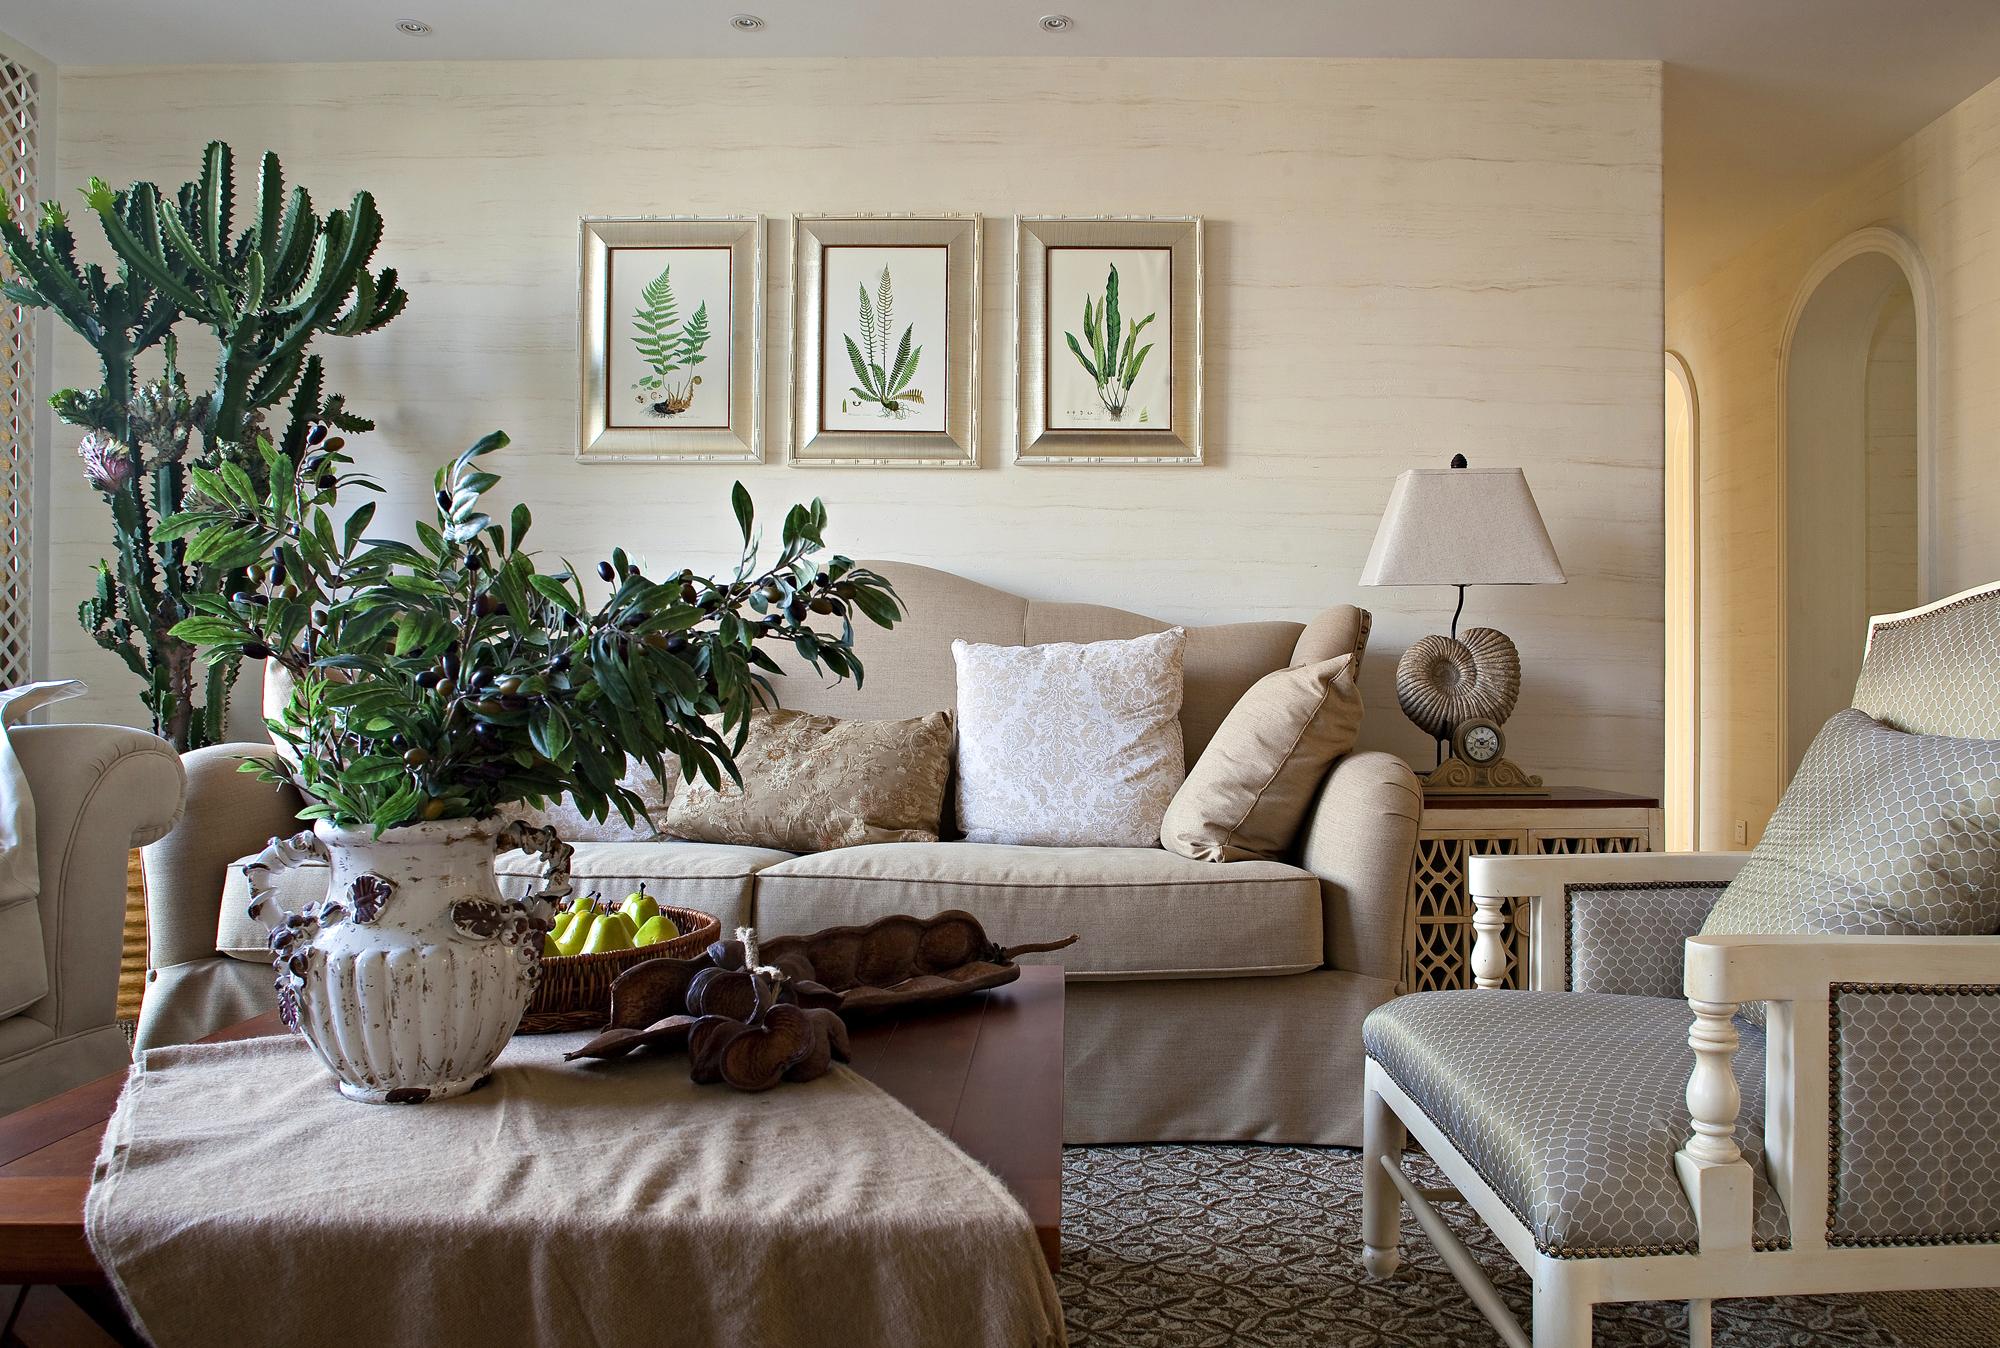 三居 白领 收纳 80后 小资 地中海 苹果装饰 长沙装饰 客厅图片来自苹果装饰公司在北辰三角洲地中海风格欣赏的分享